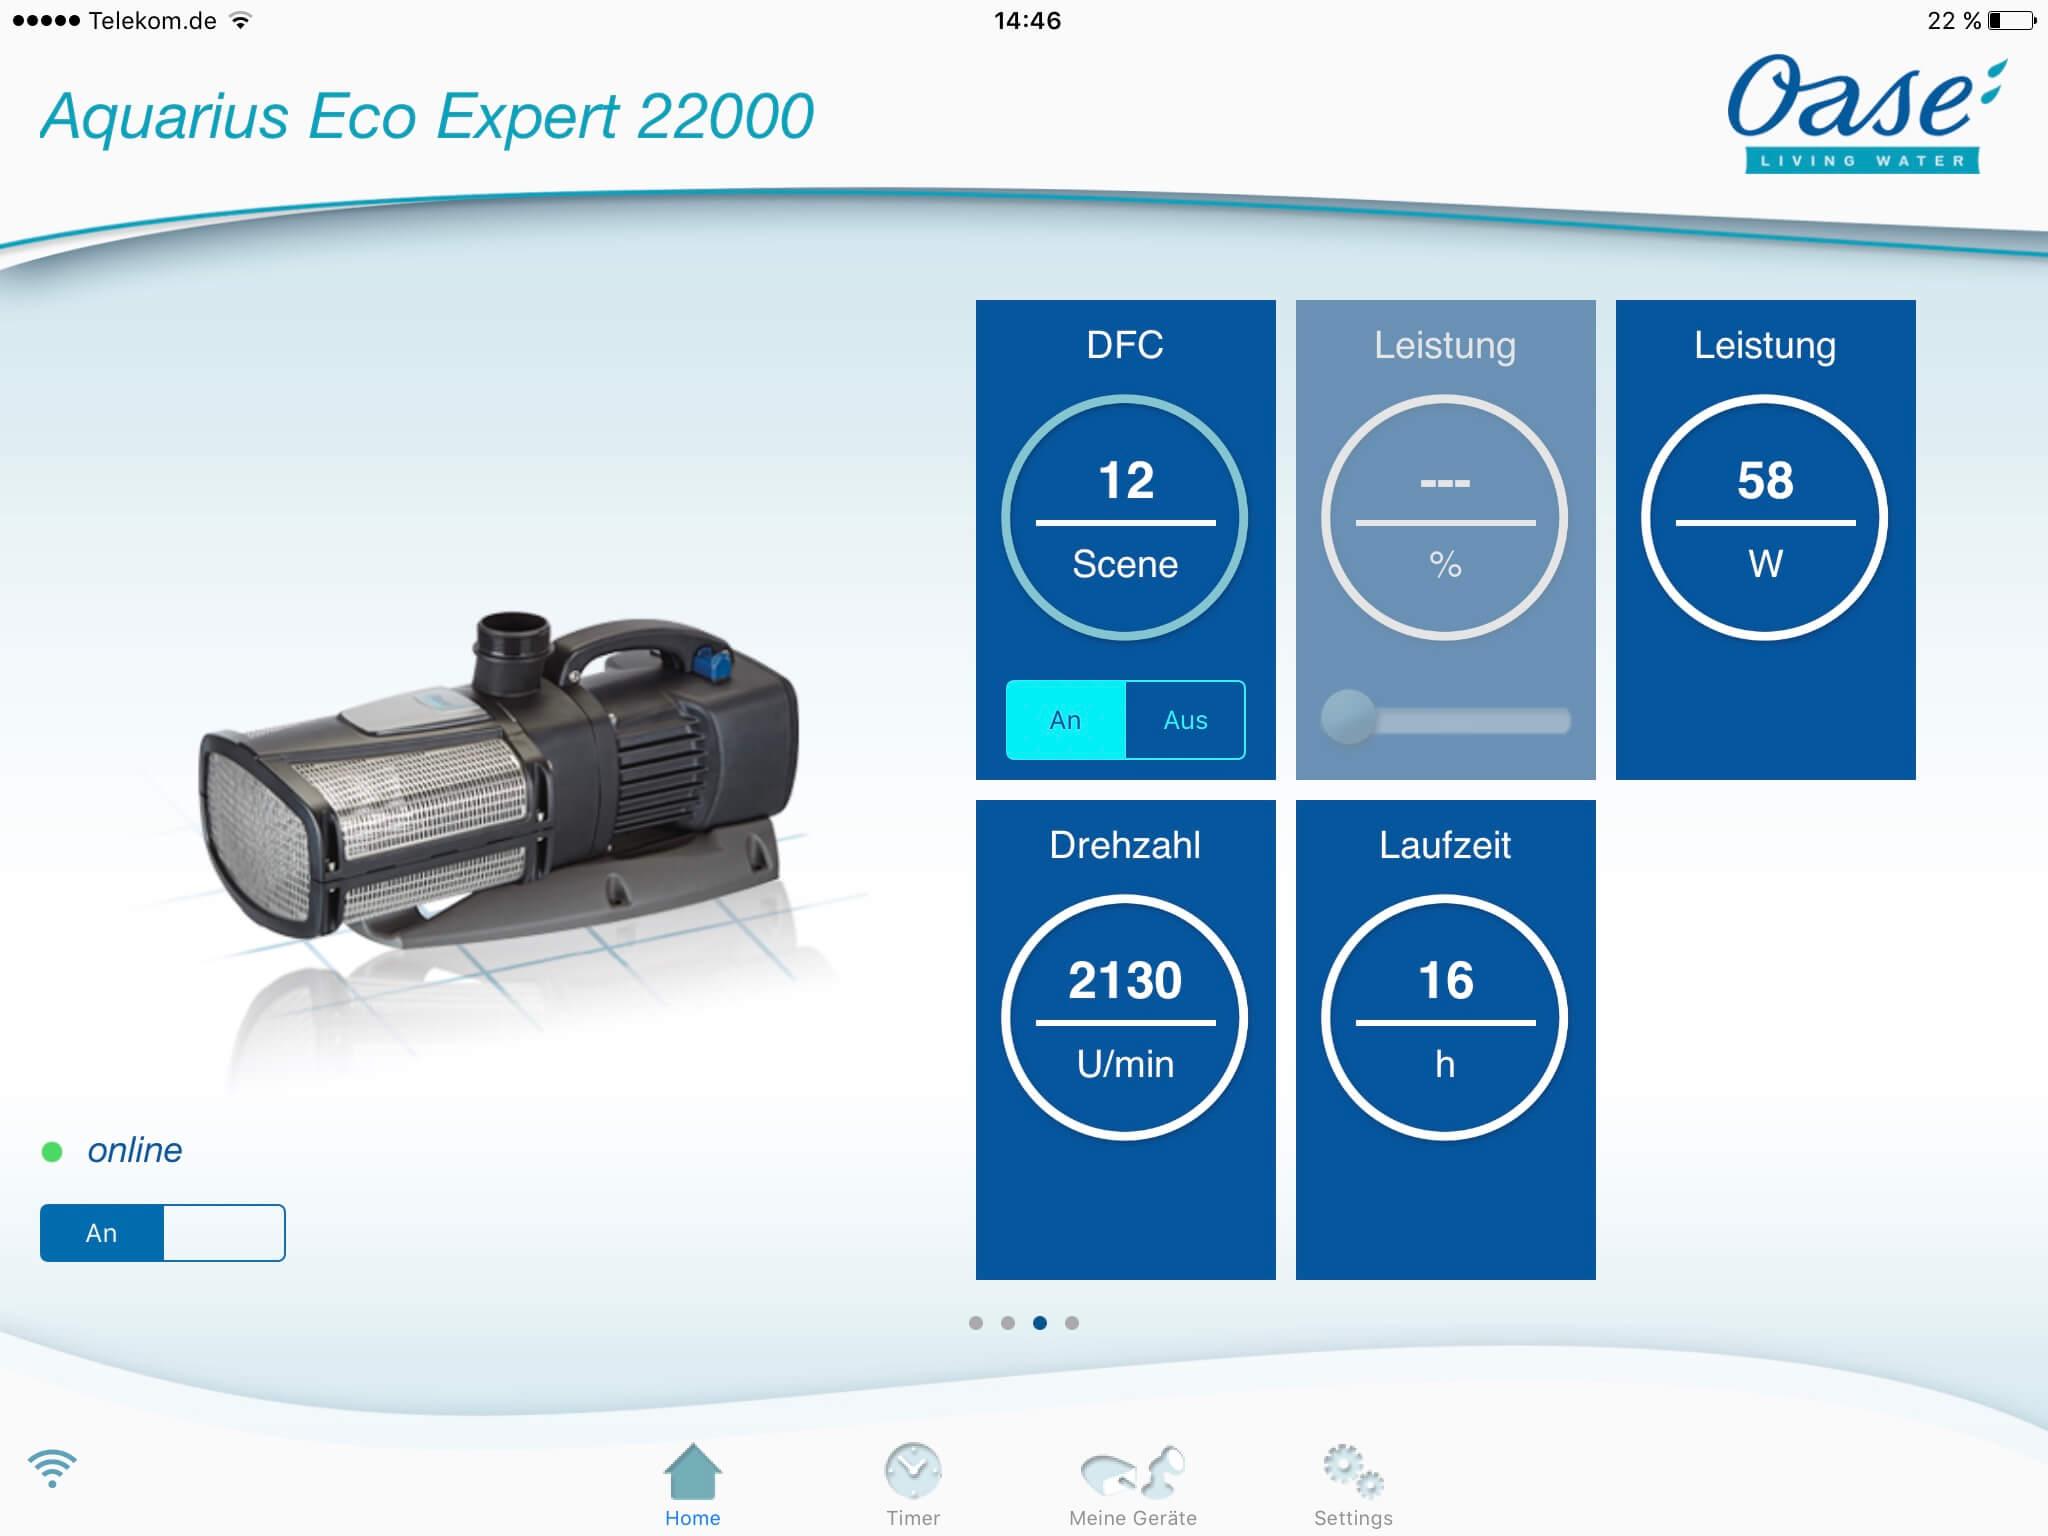 Aquarius Eco Expert - OASE App 2